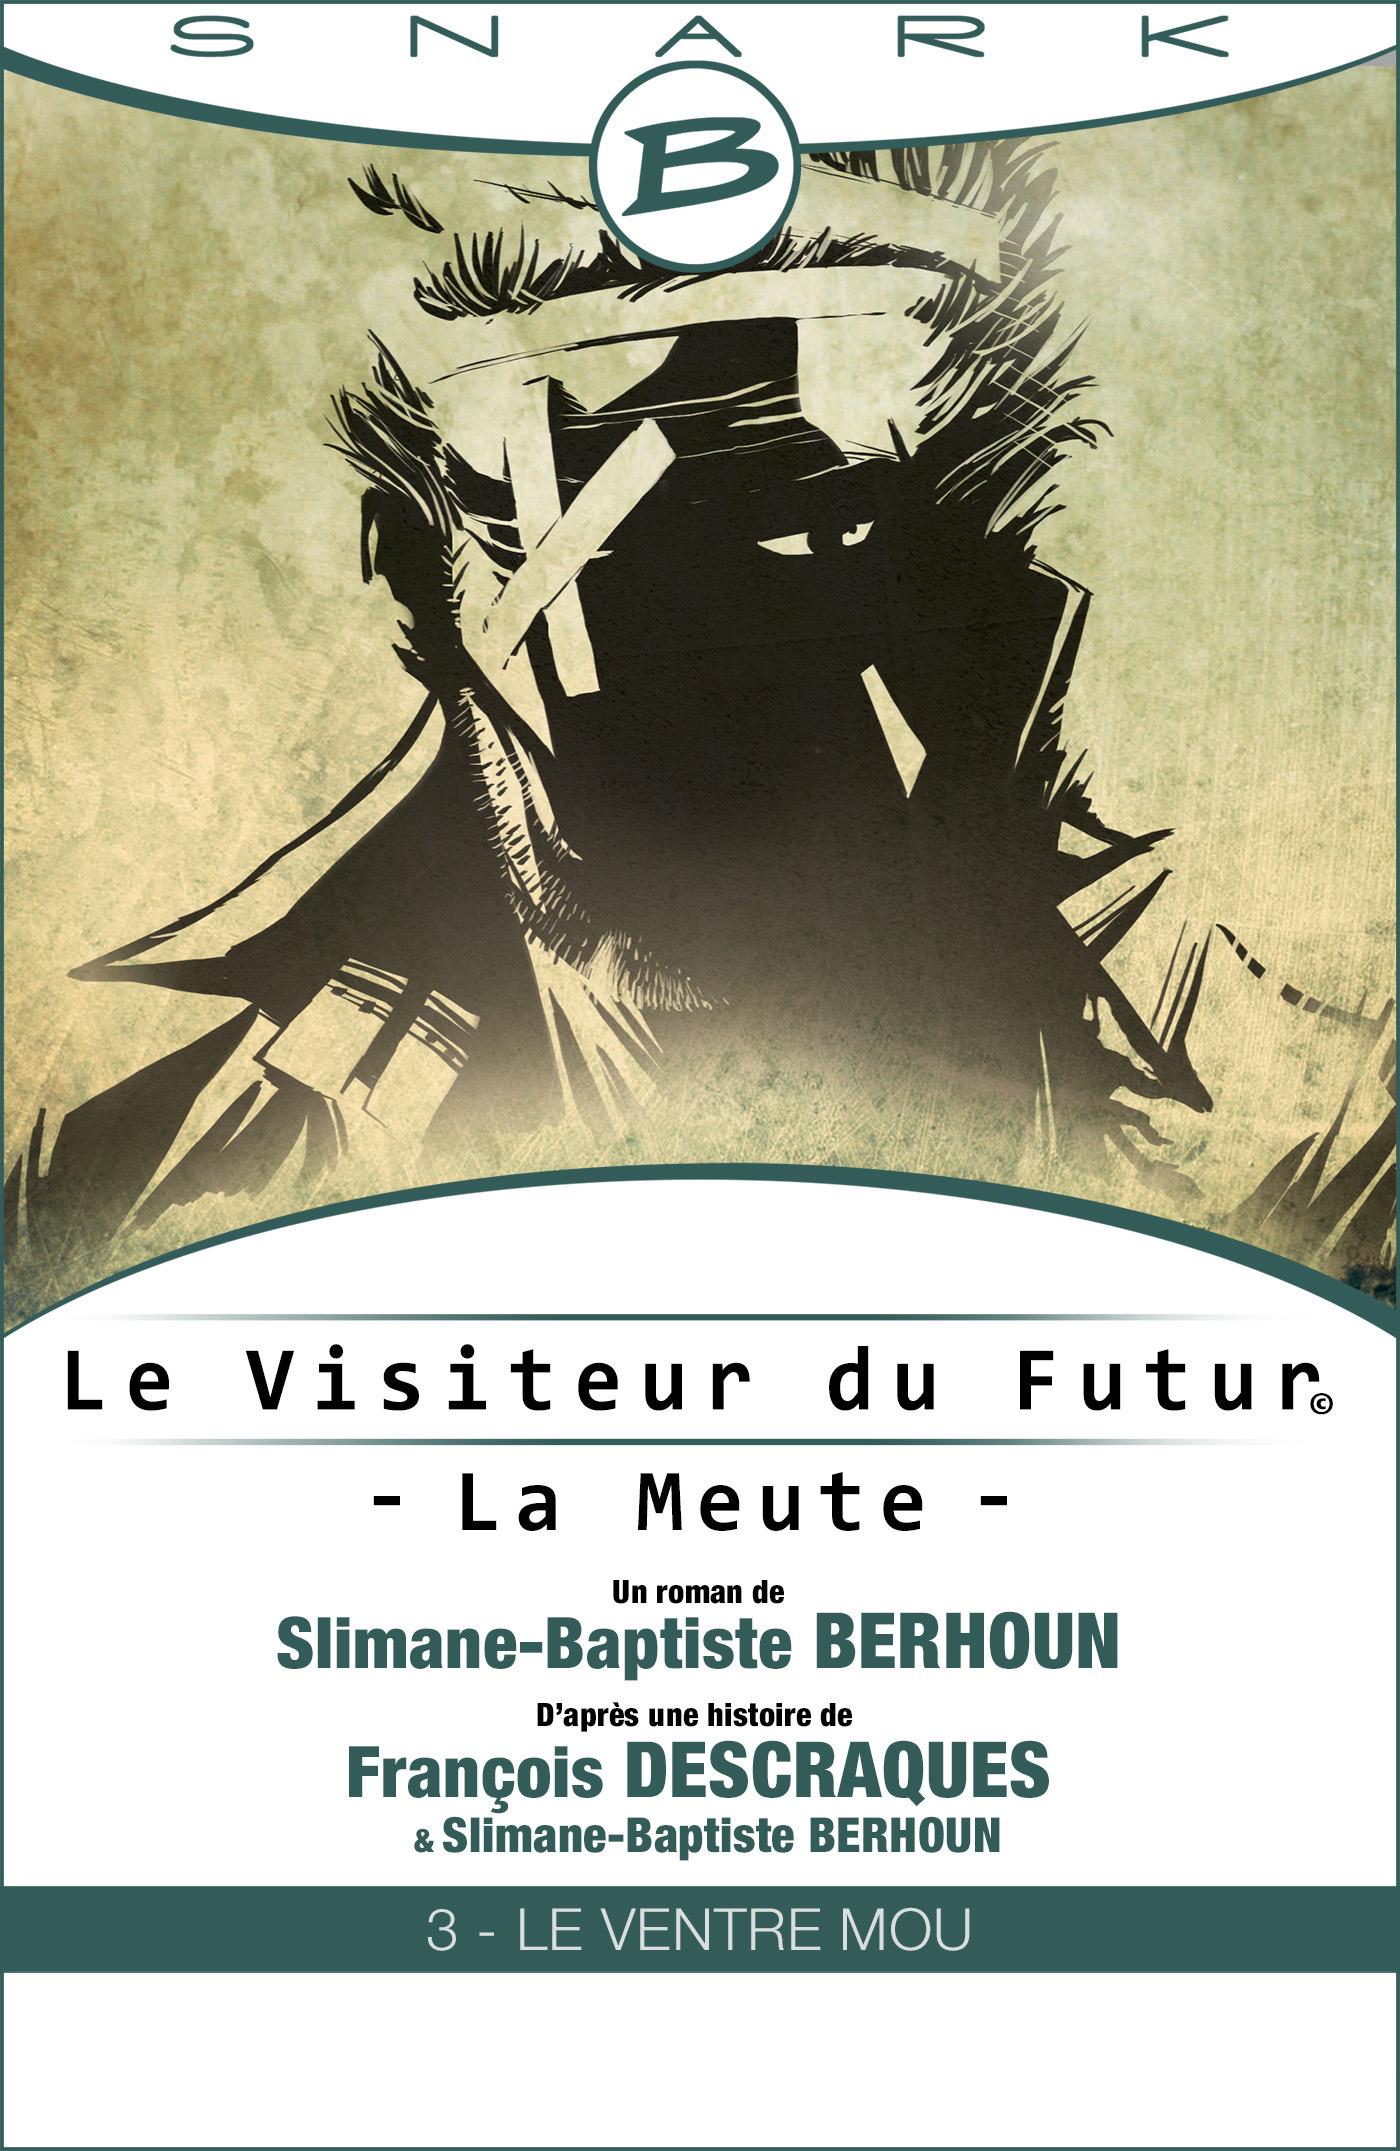 Le Ventre Mou - Le Visiteur du Futur - La Meute - Épisode 3